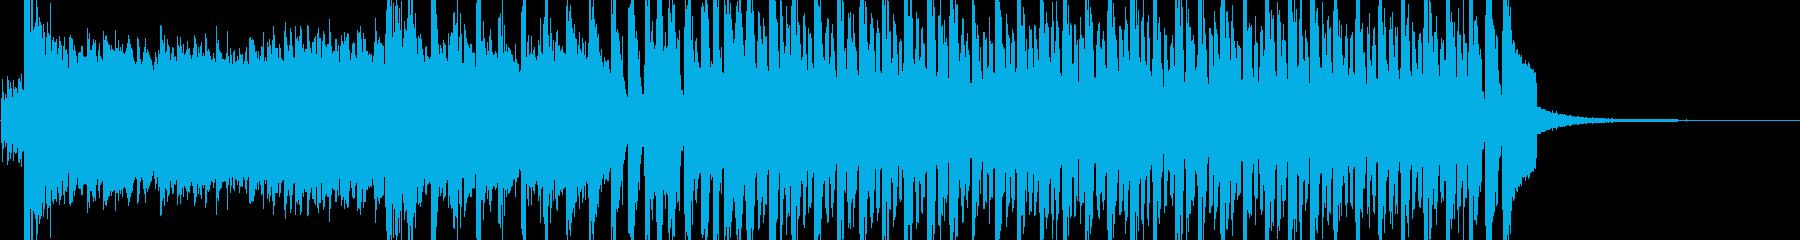 テクノ・ポップで華やかな登場のテーマの再生済みの波形